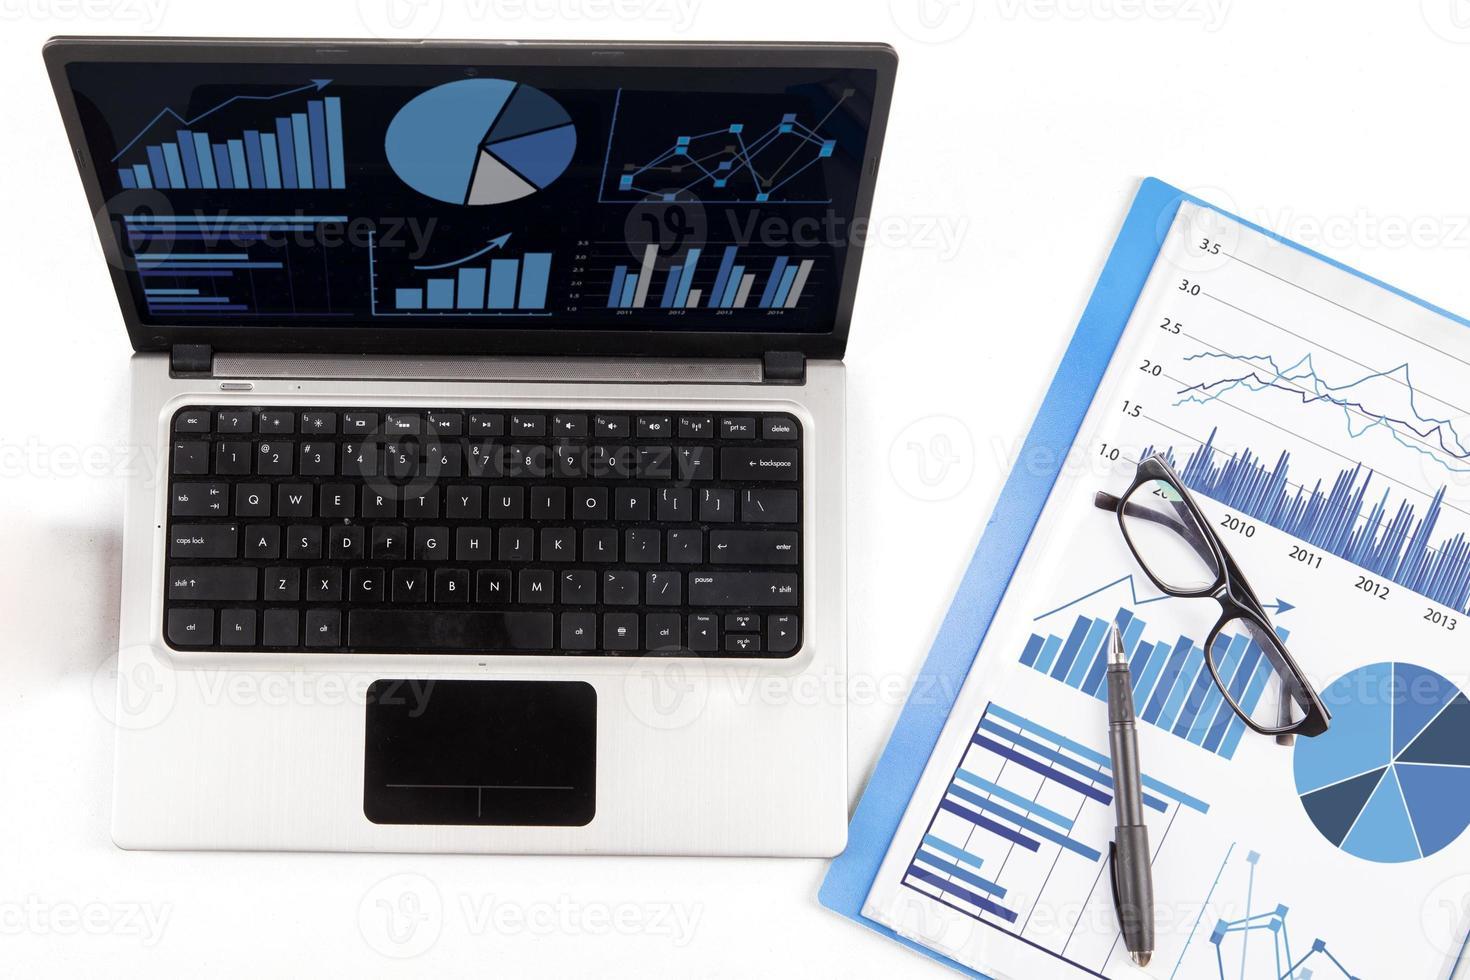 análisis financiero con gráfico de negocios 1 foto